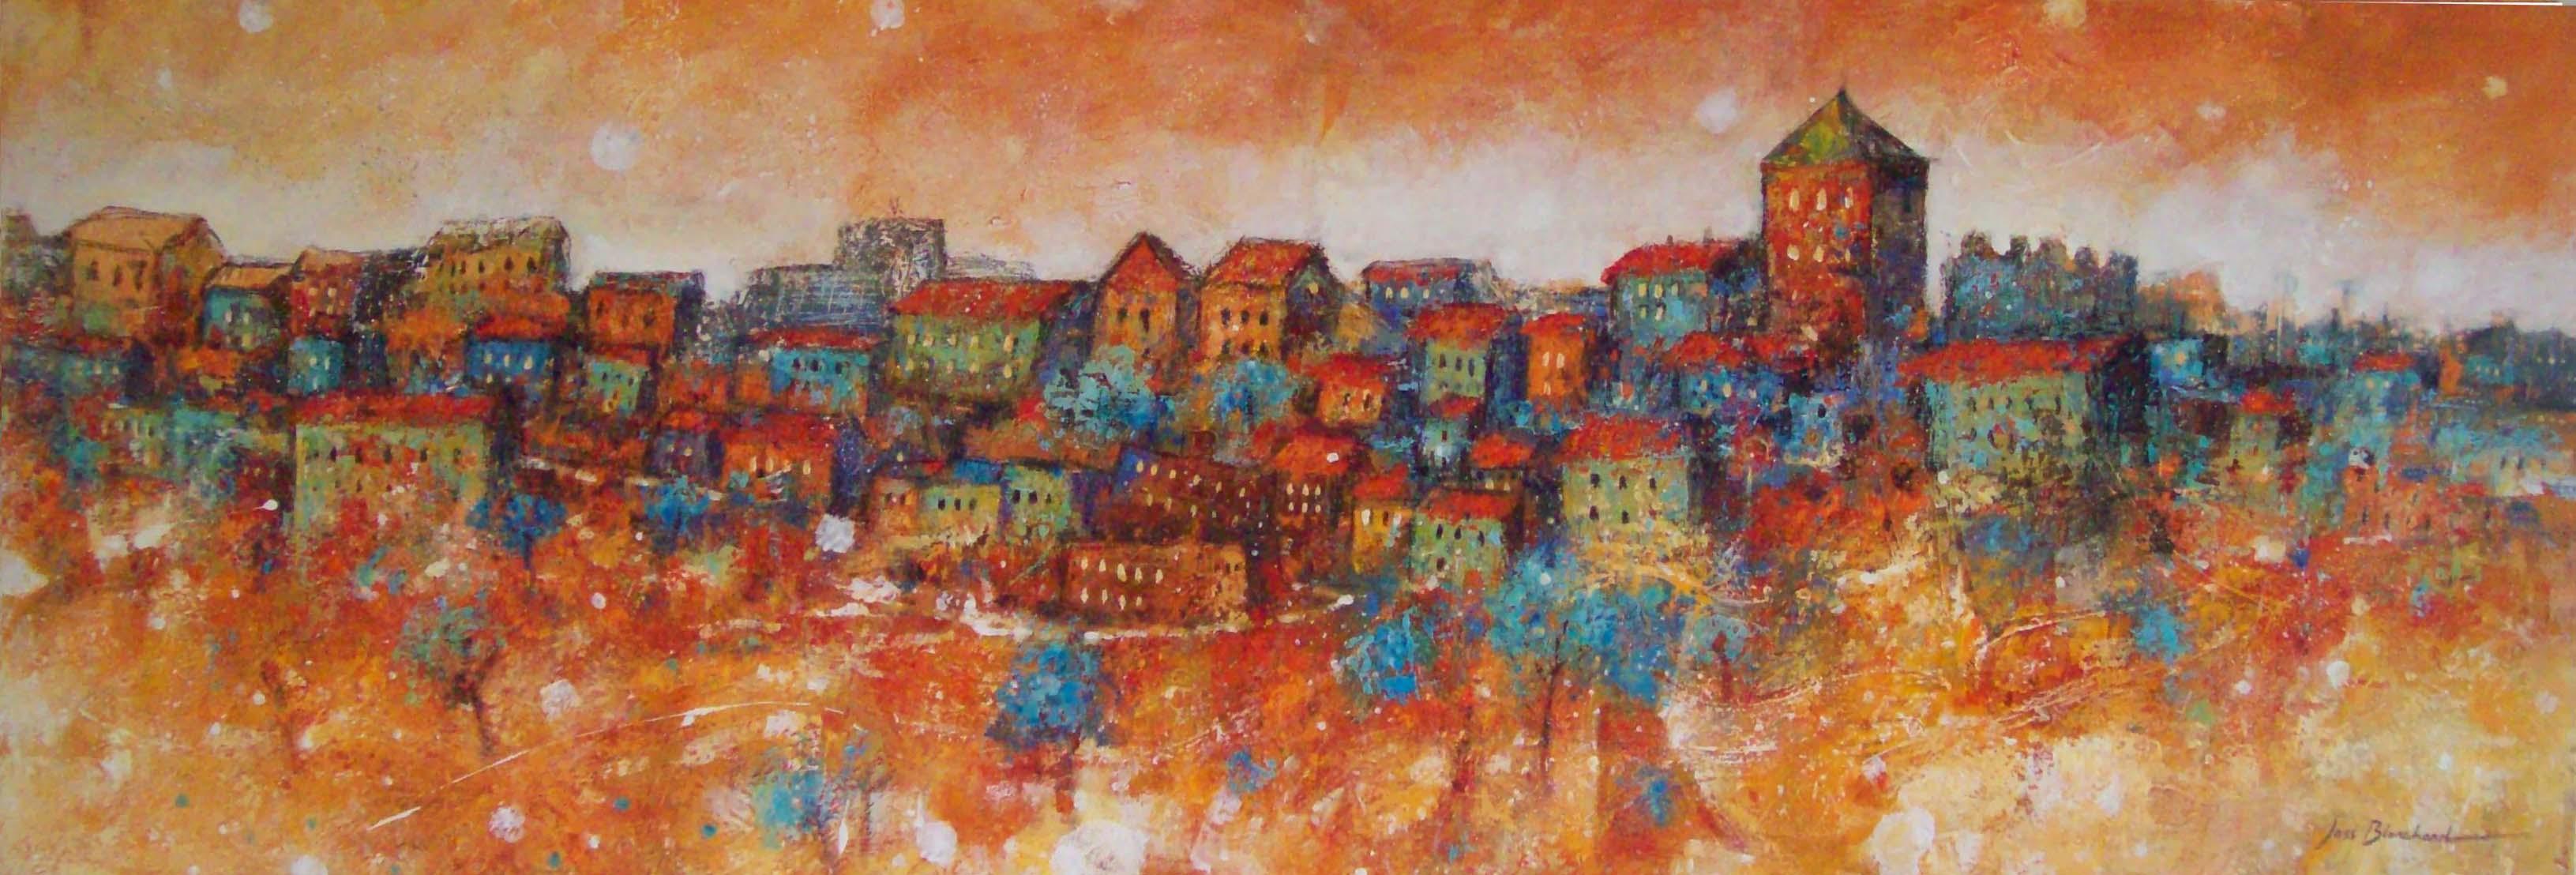 peinture sur toile village couleurs vives